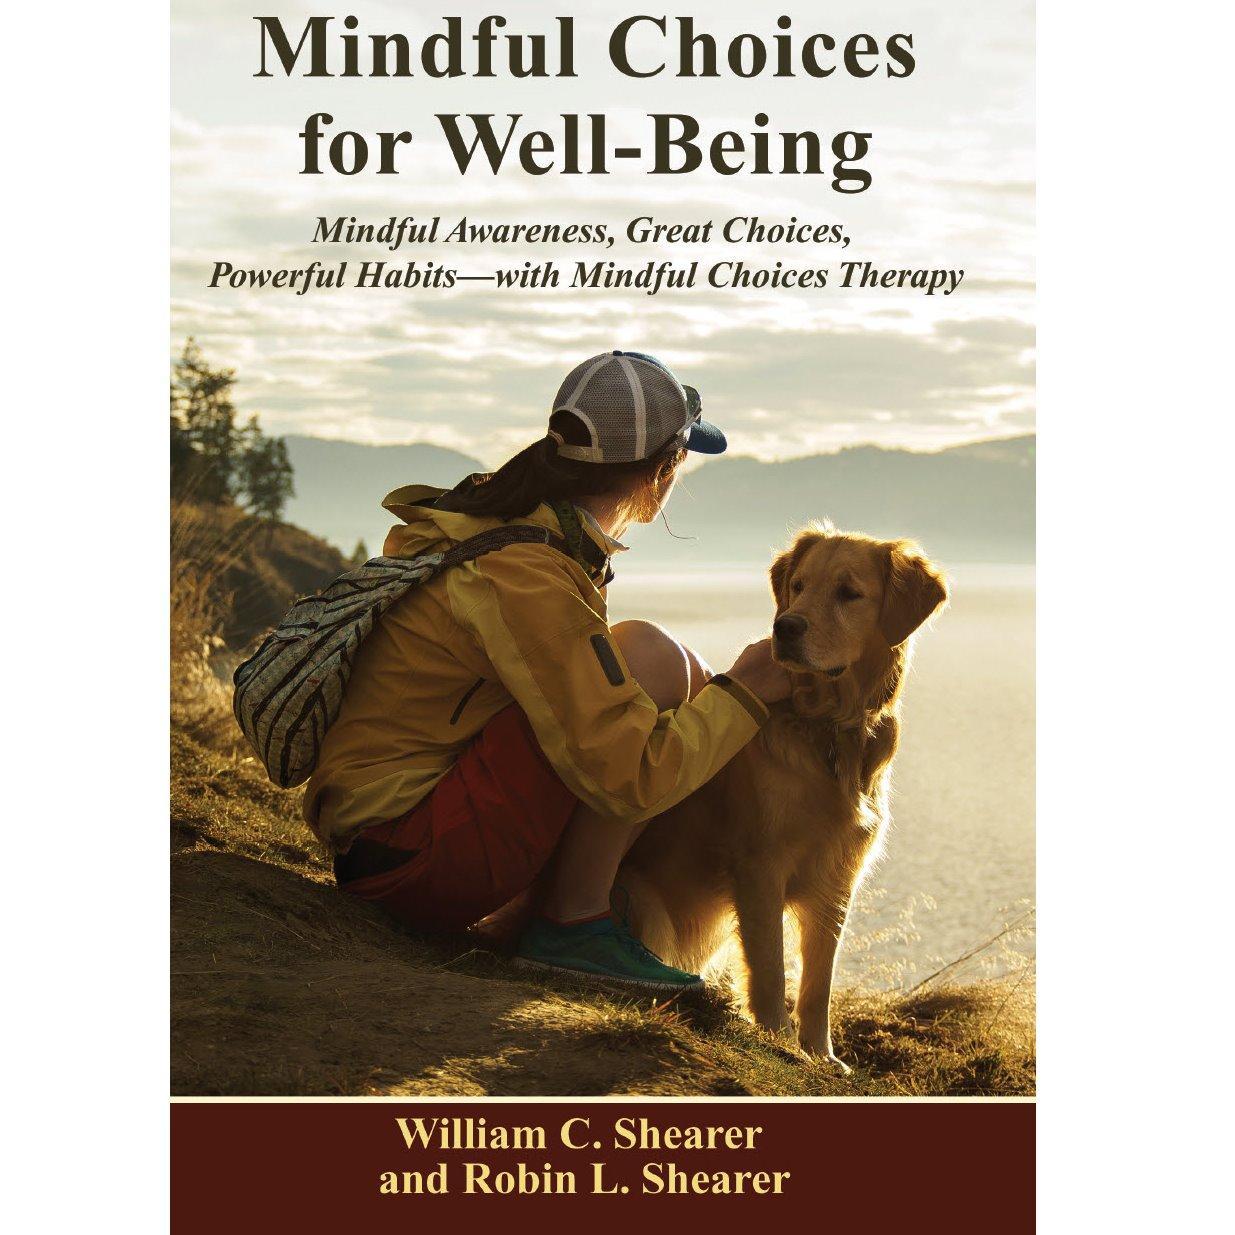 Mindful Choices Training - Redlands, CA 92374 - (909)798-4668 | ShowMeLocal.com